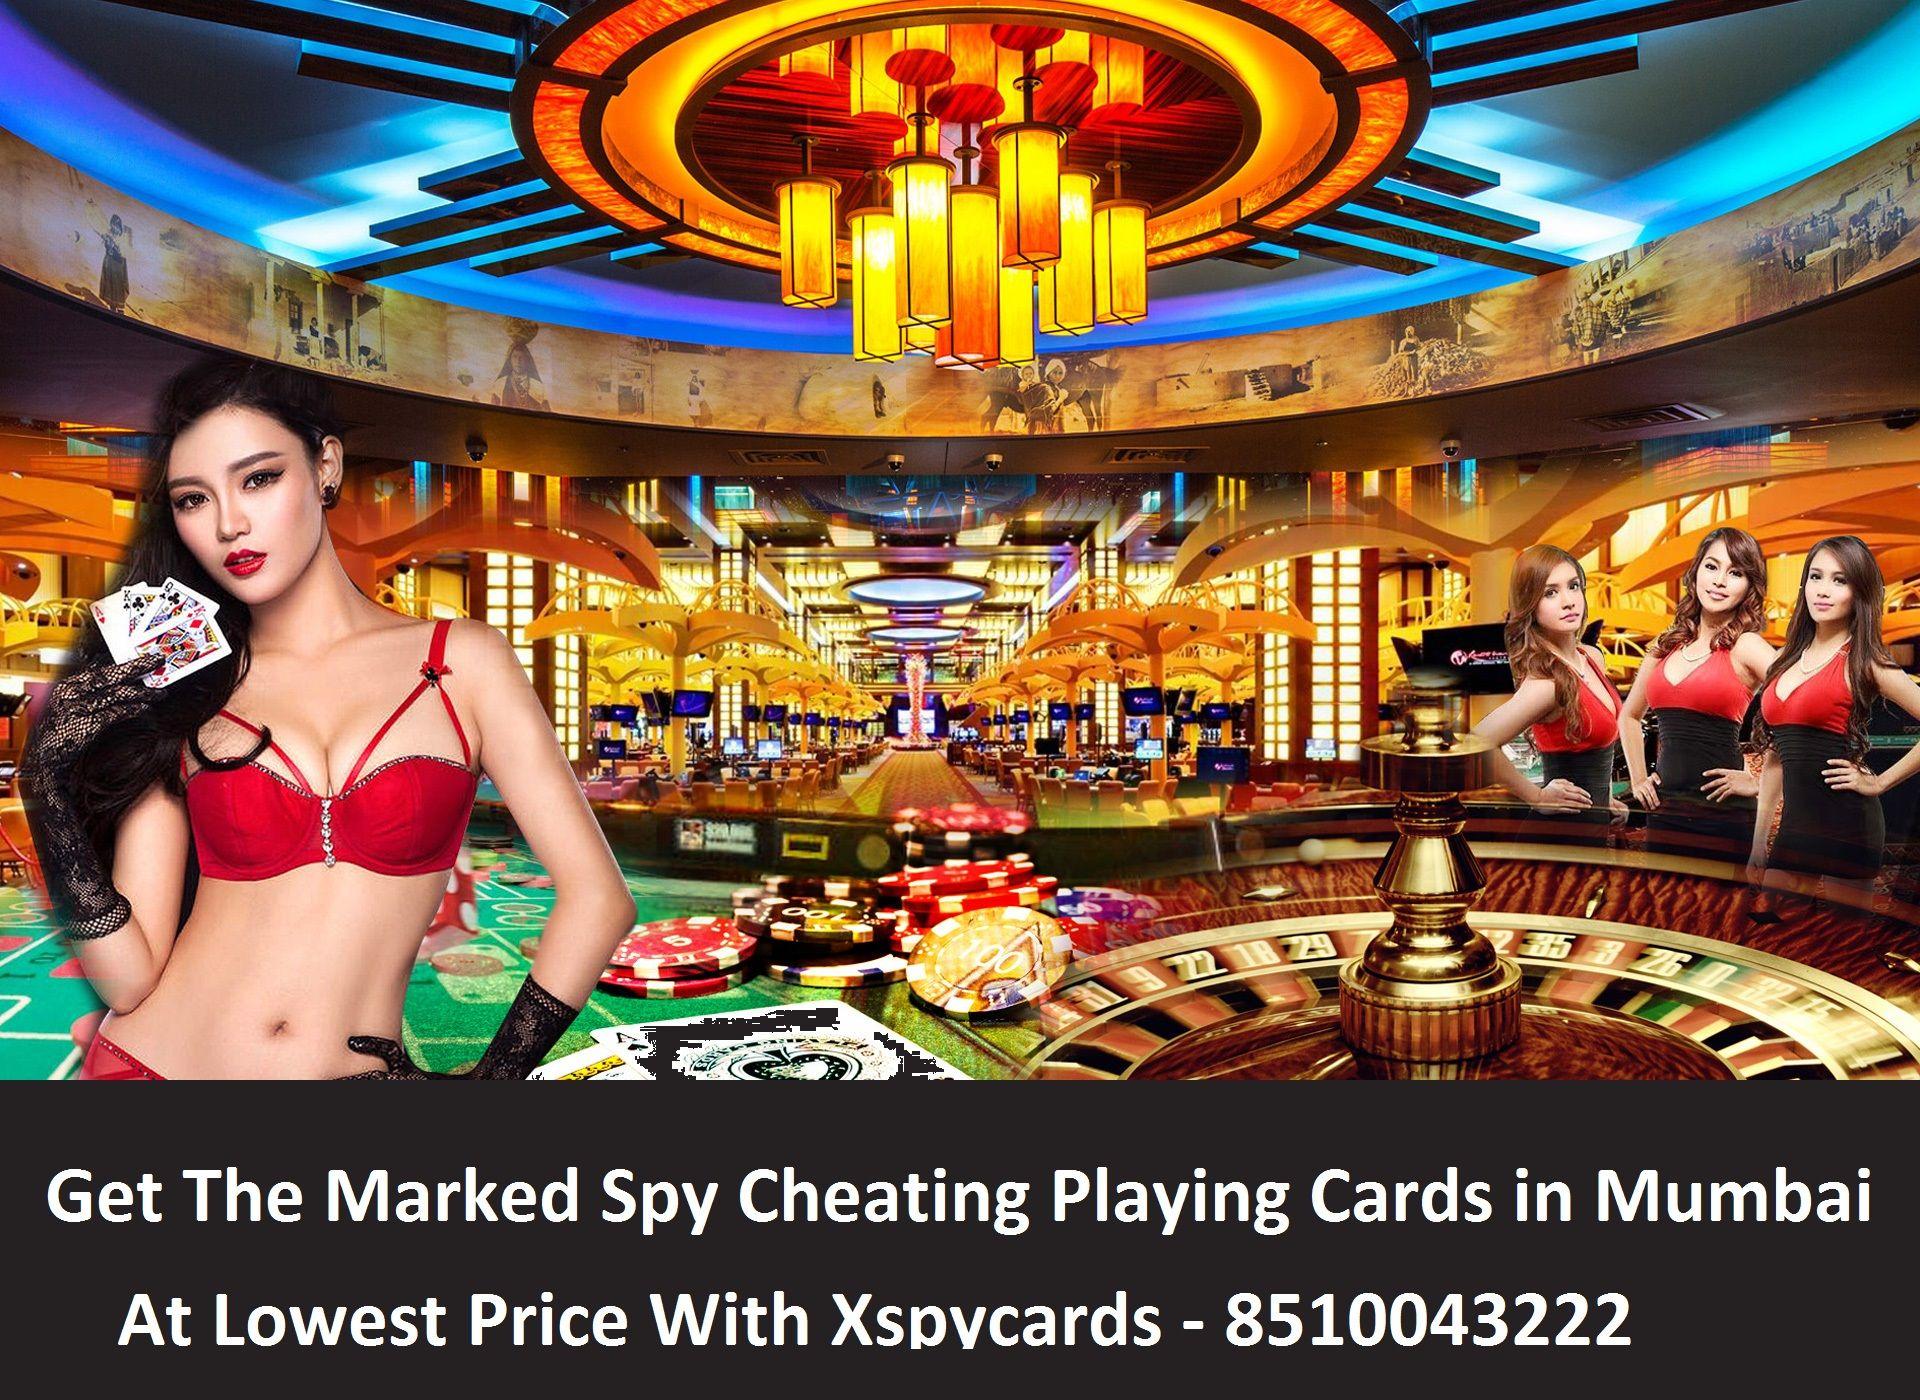 Софт для онлайн казино цена бесплатные азартные игры без регистрации вулкан